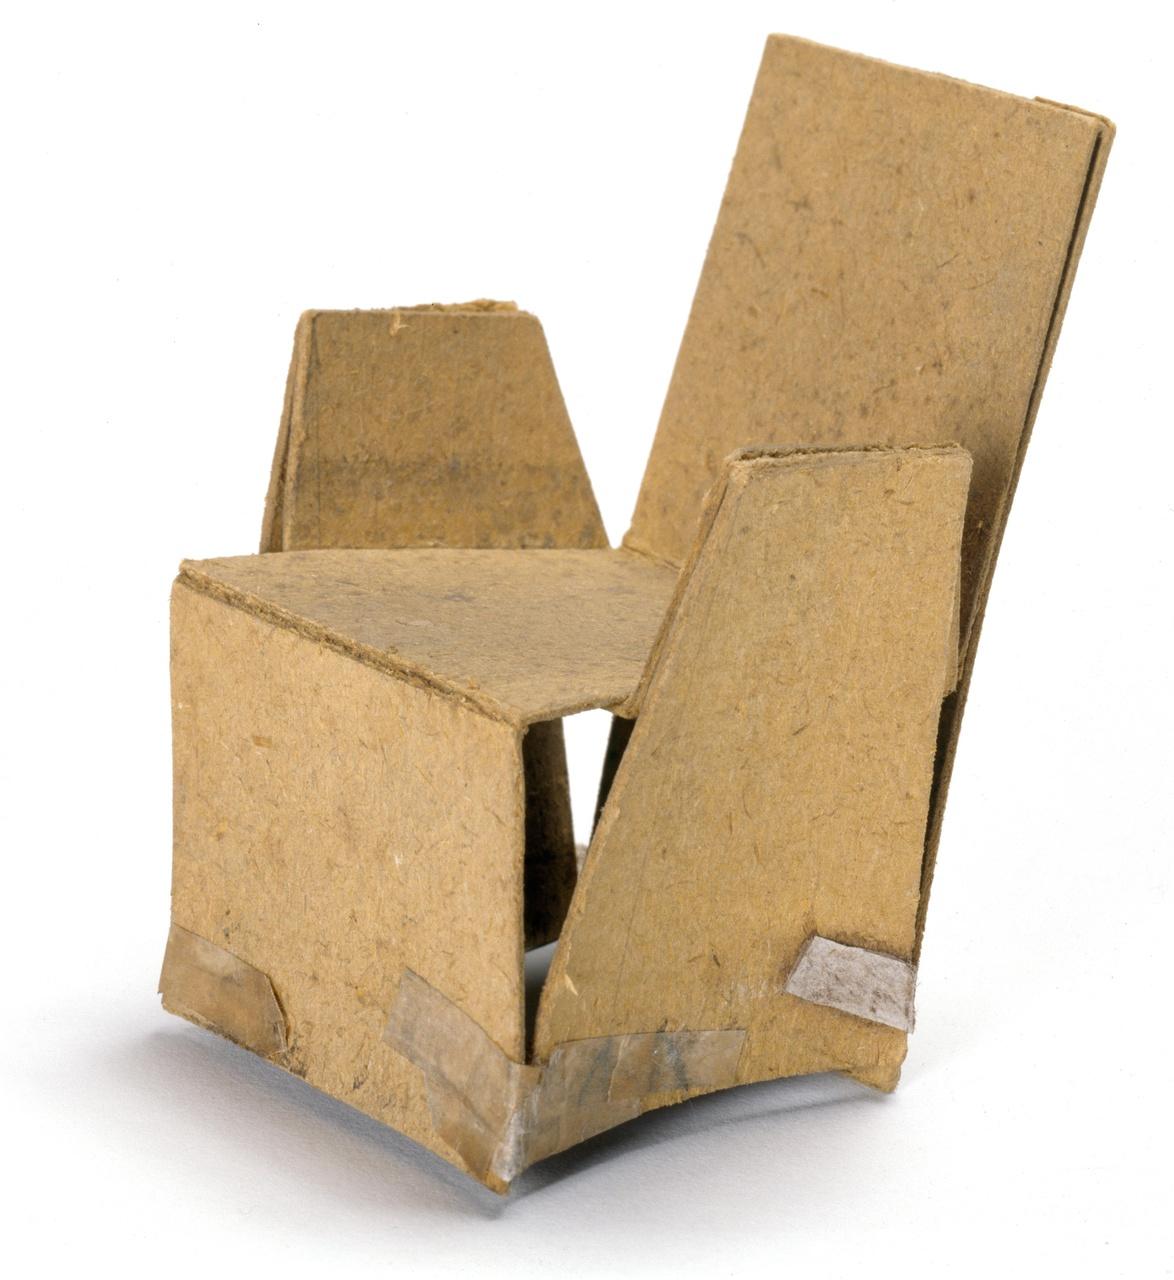 Model van een stoel met armleuningen